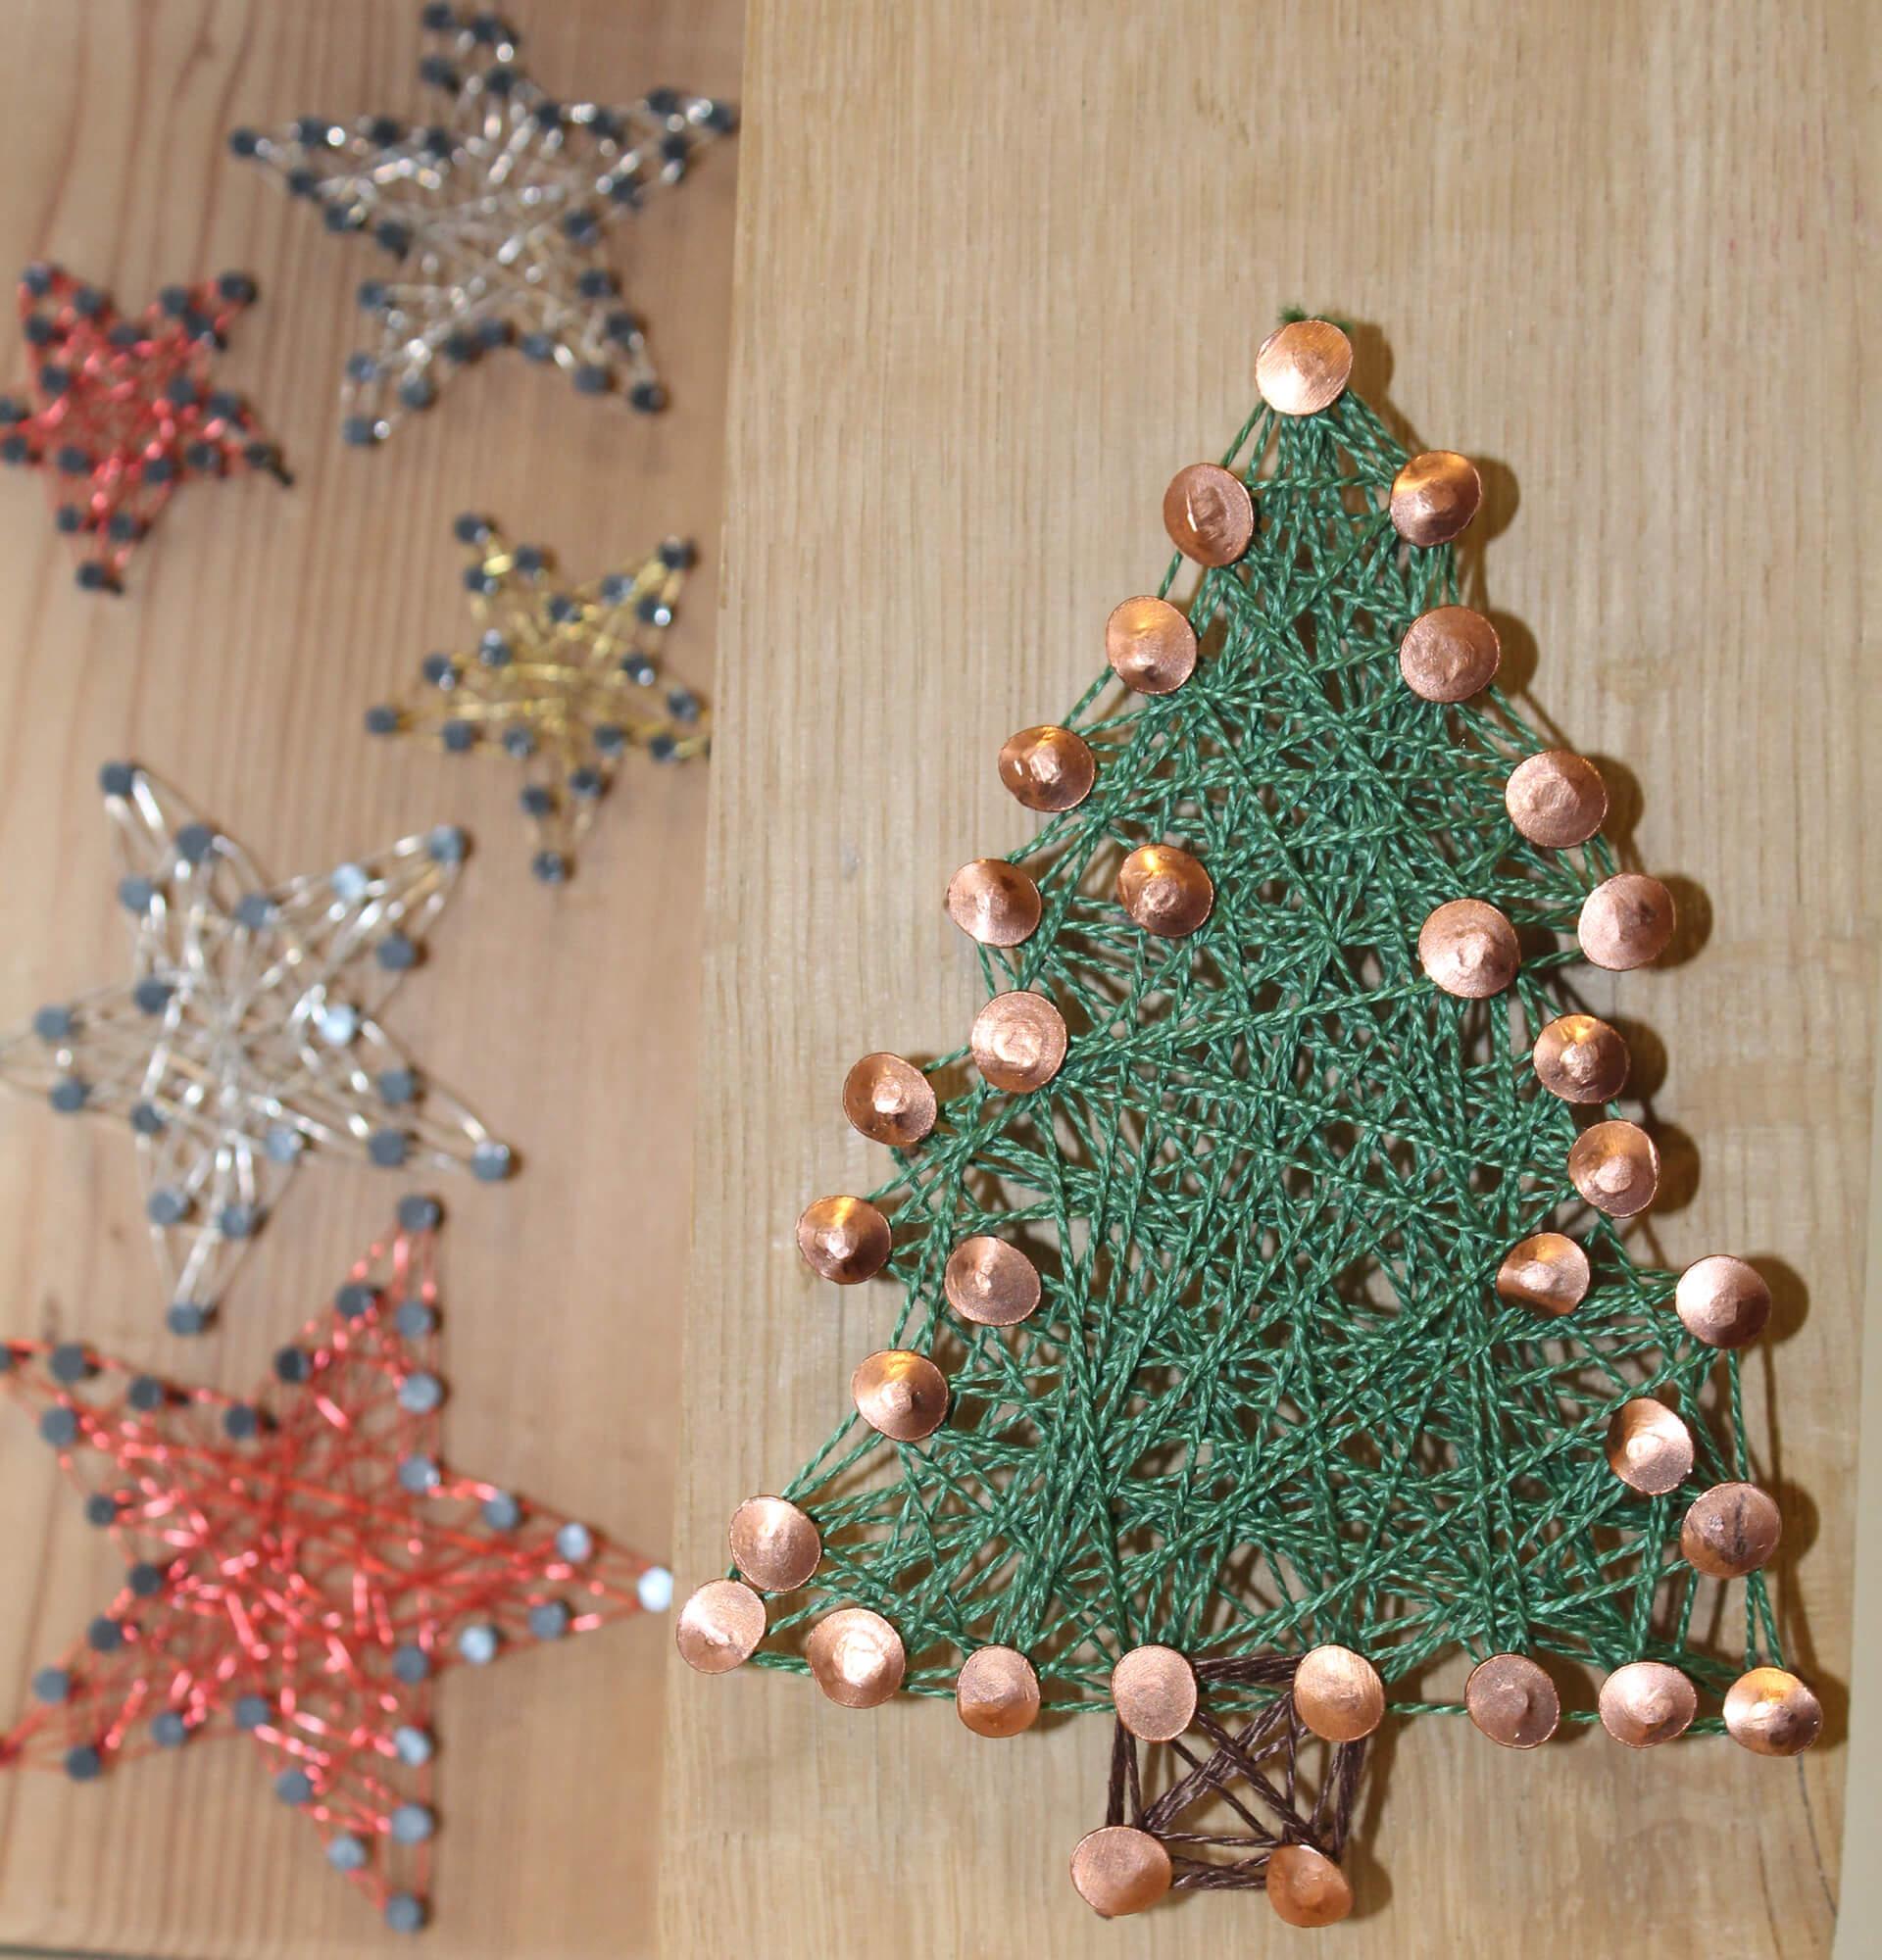 Tannenbäume und Sterne mit Nägel und Faden gestaltet haben die Ateliers.